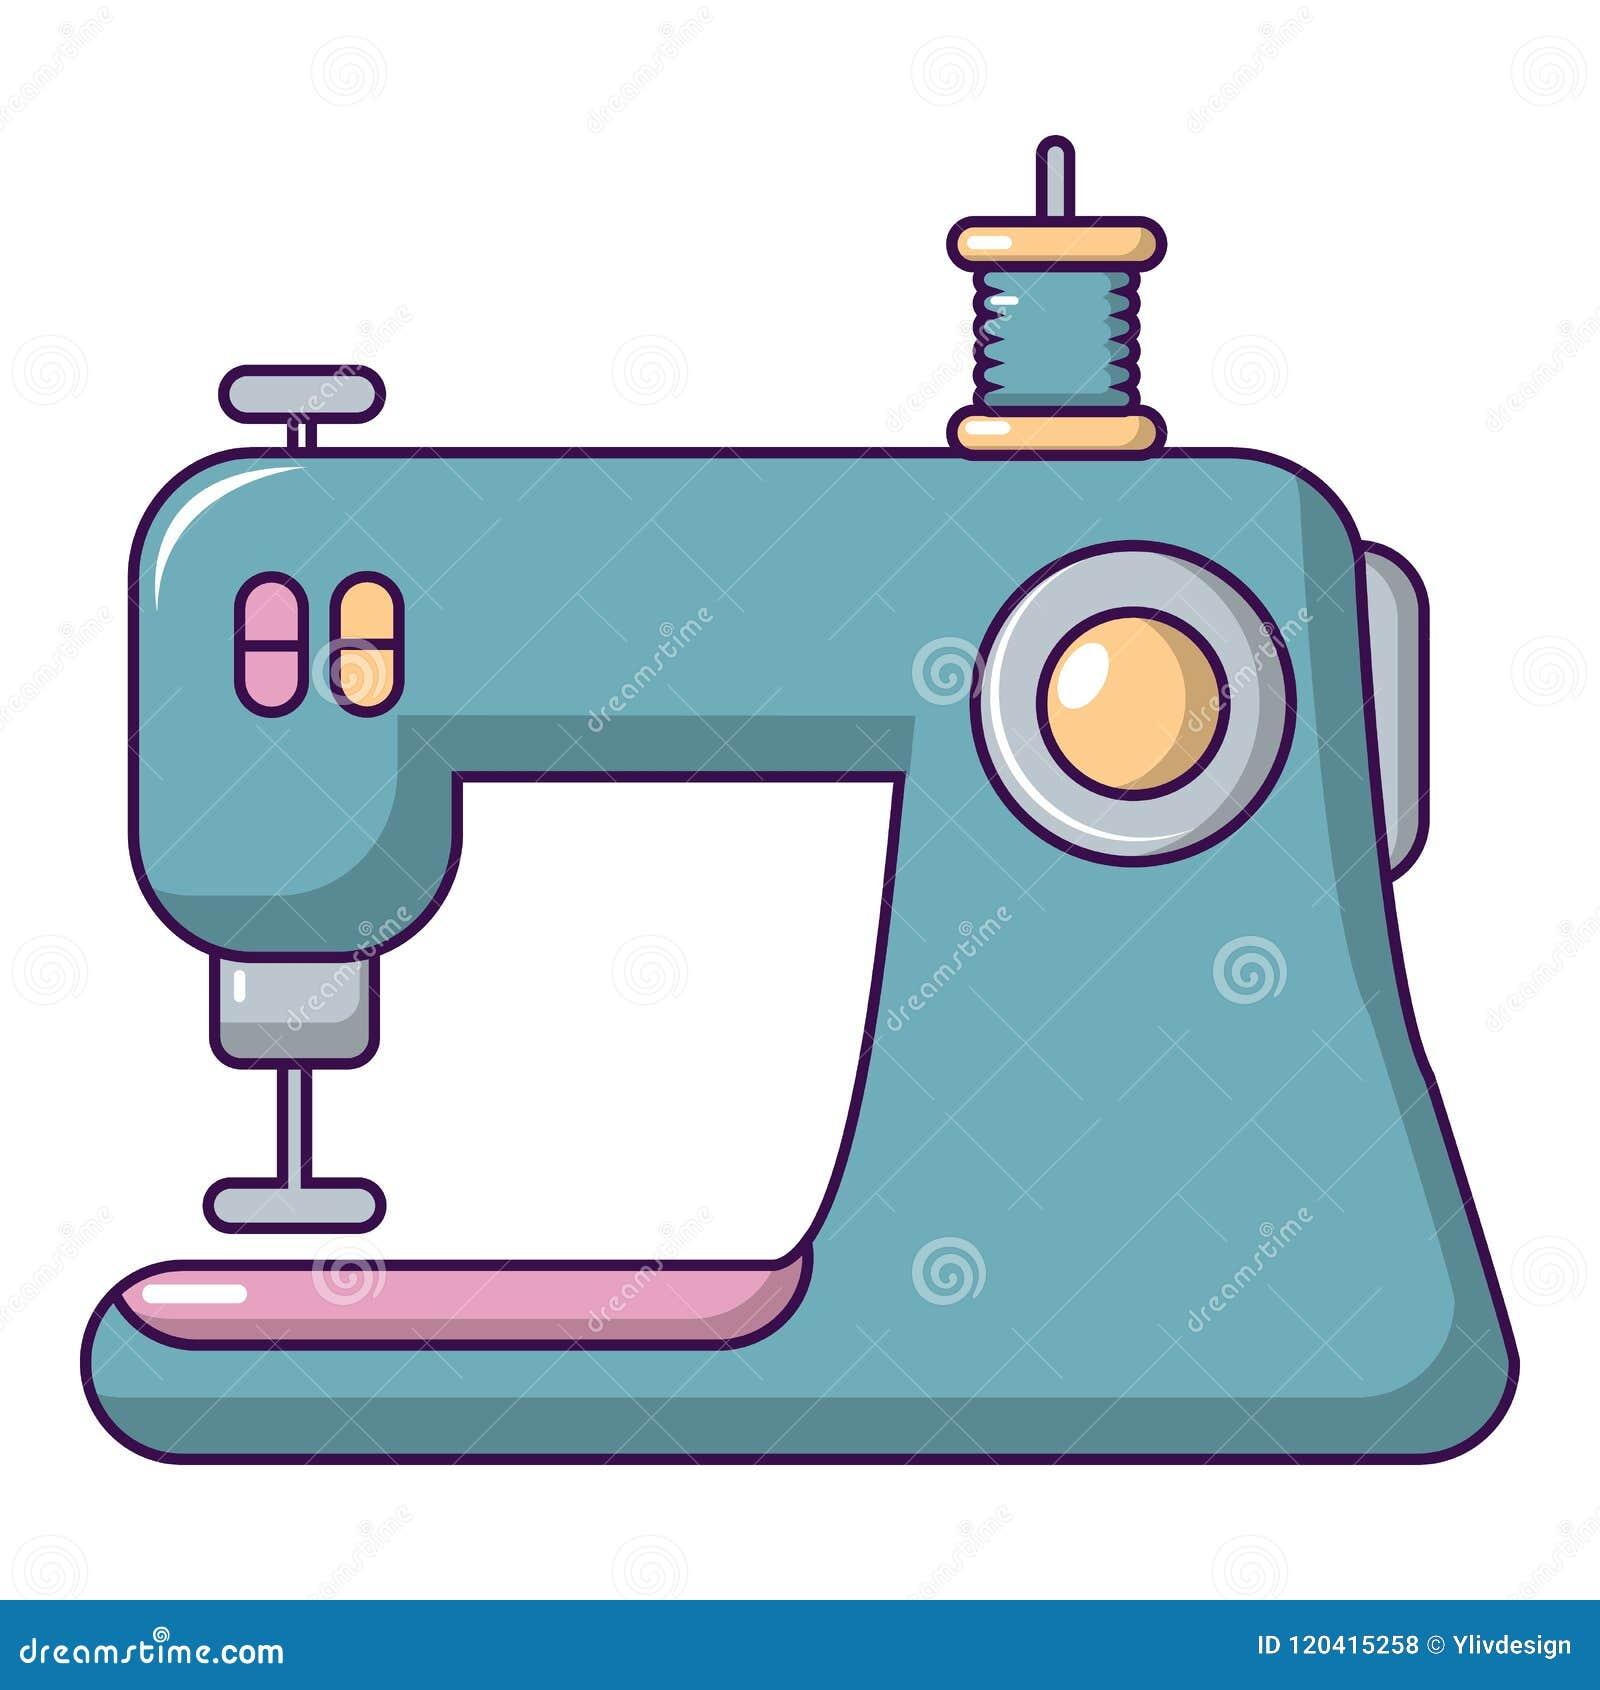 Icone Da Maquina De Costura Estilo Dos Desenhos Animados